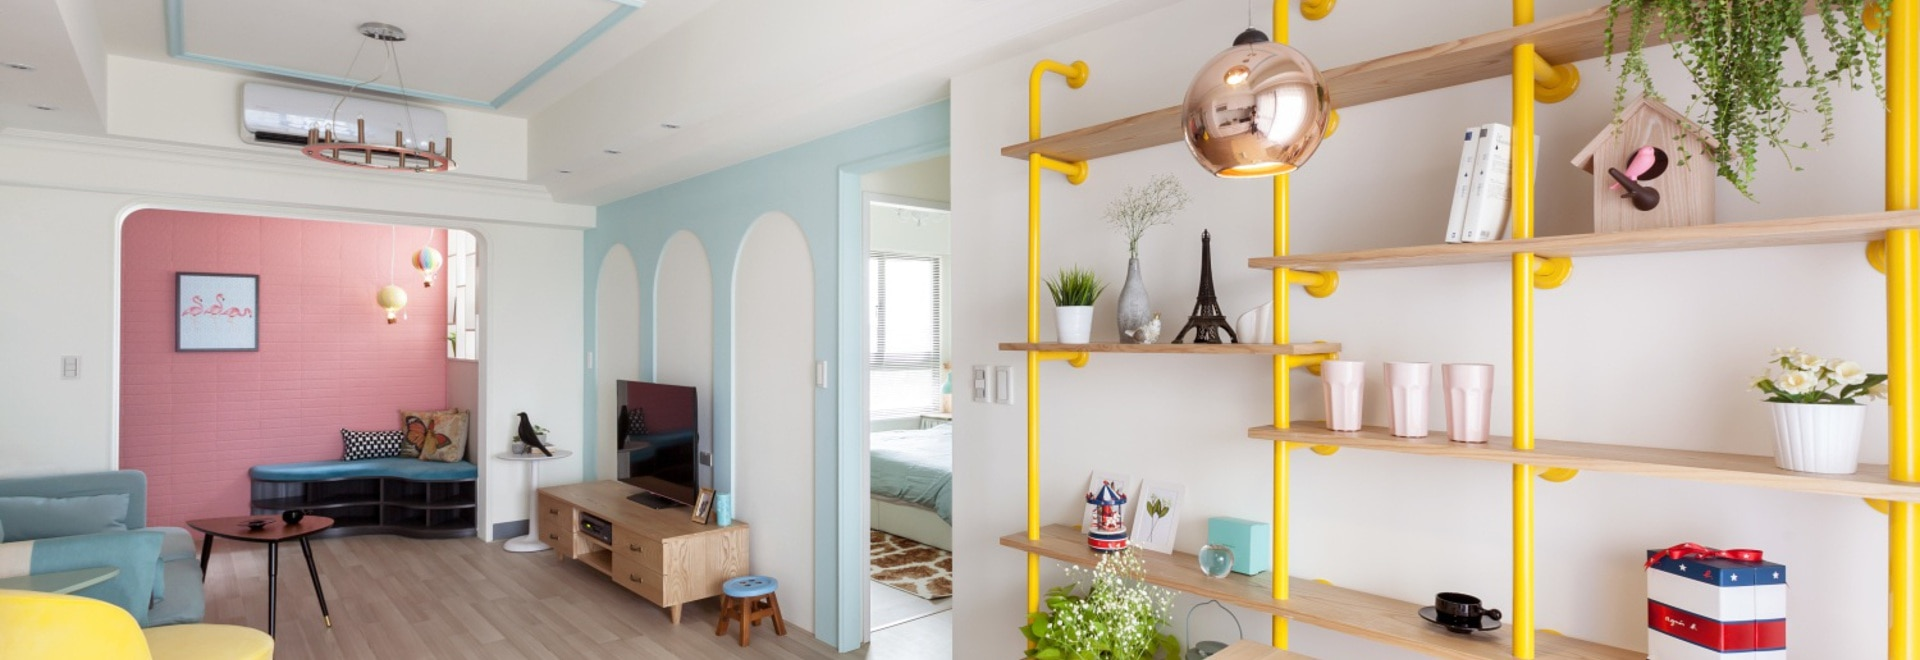 Colori Pastello Per Camera Da Letto : Colori per camera da letto ...